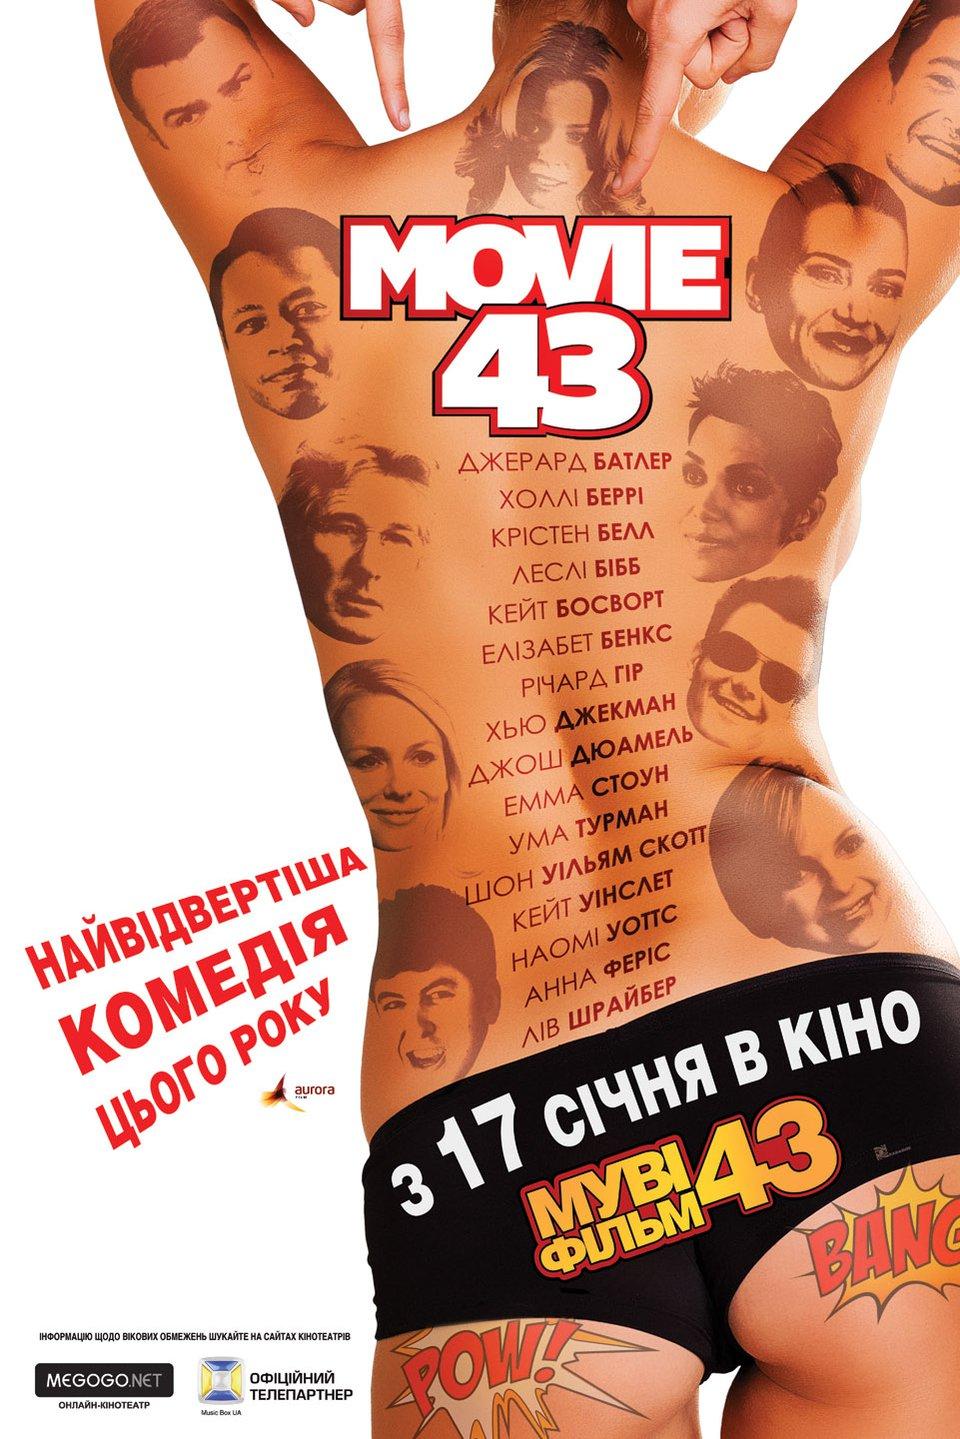 «Муви 43 Фильмы Смотреть Онлайн В Хорошем Качестве» — 2009